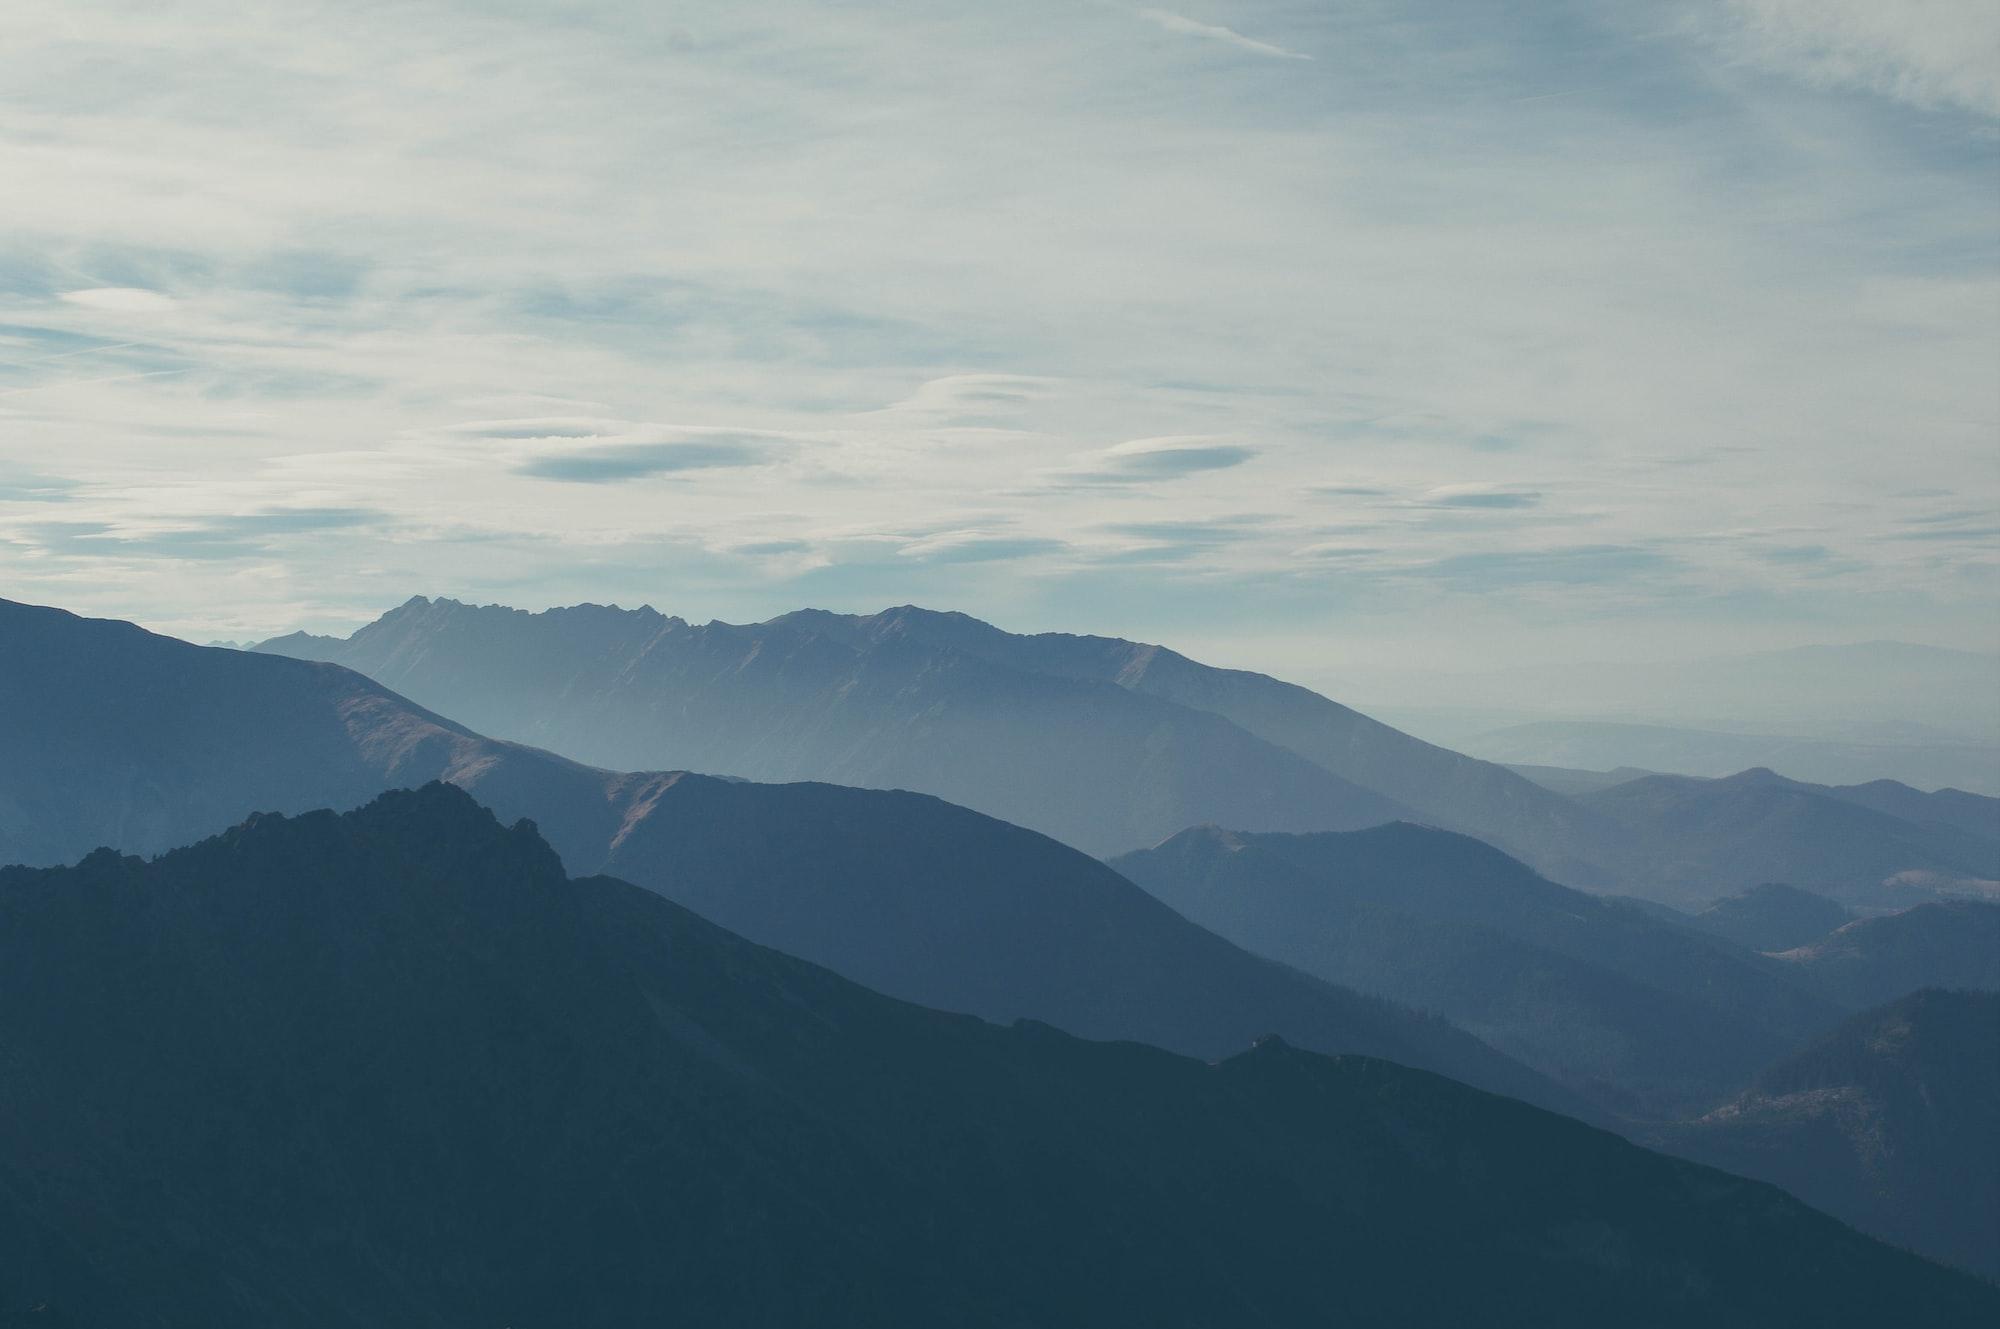 Sharp mountain ridges